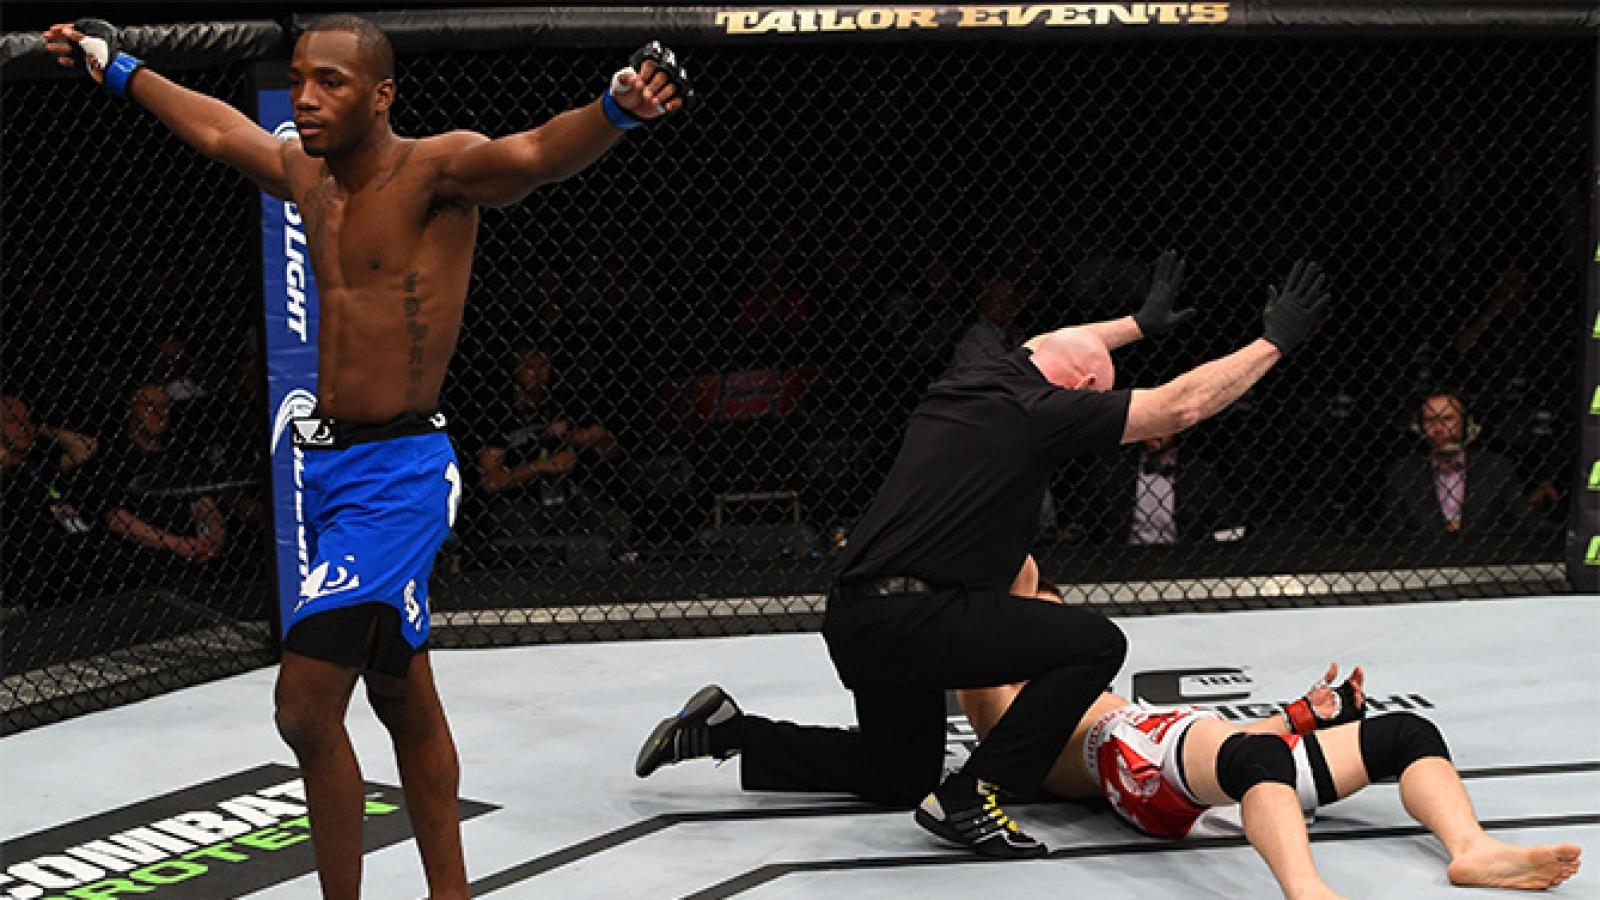 VIDEO: Võ sĩ UFC hạ knock-out đối thủ bằng 3 cú đấm